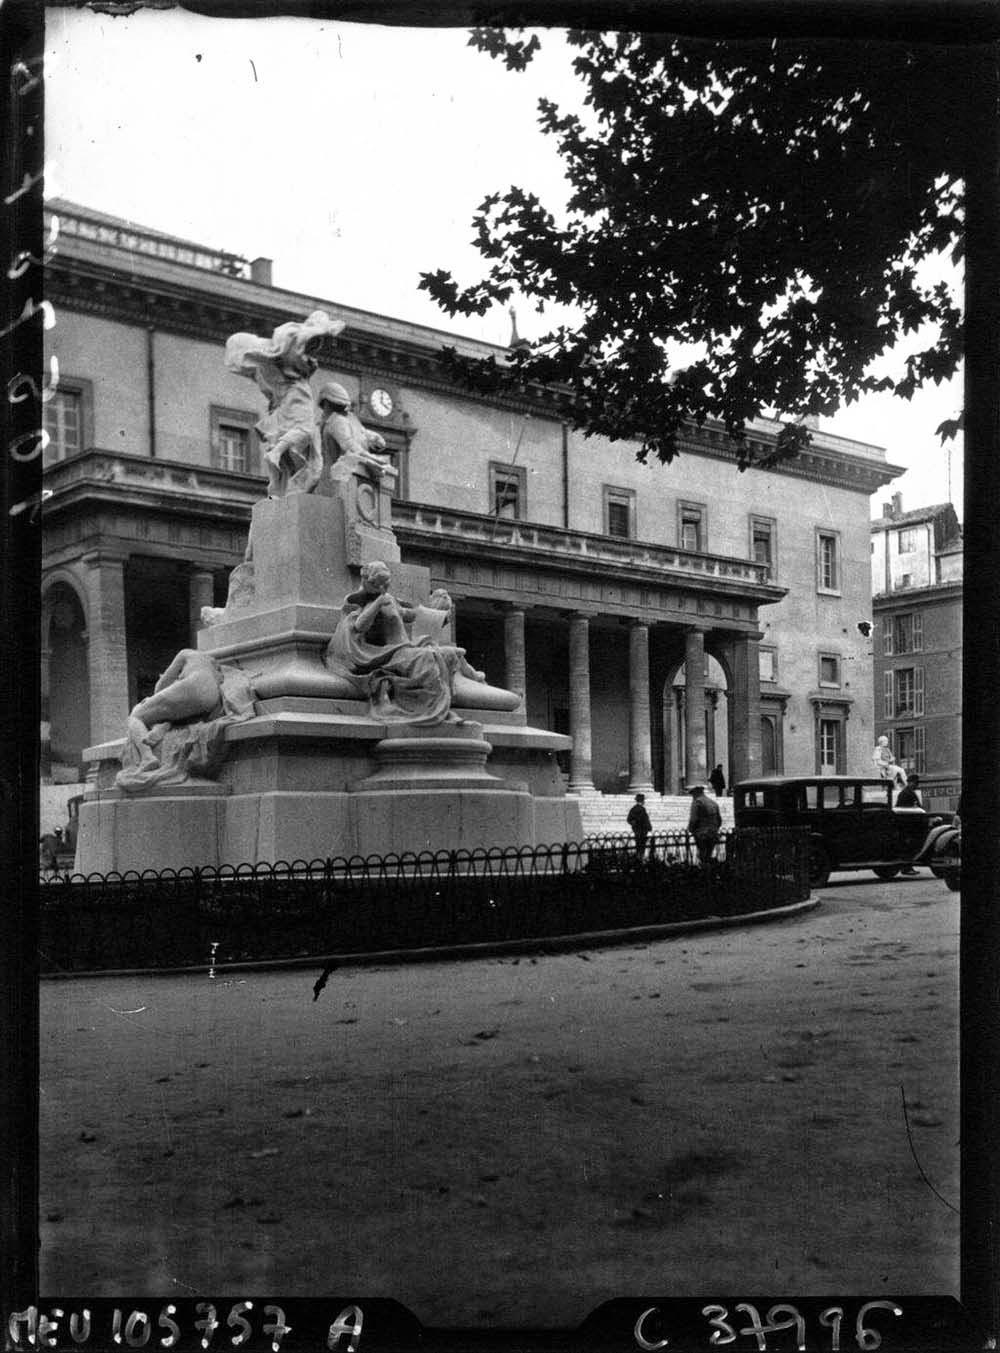 Le monument Mirabeau sur la place Verdun vers 1933 Source photo: Gallica (voir dans les sources)